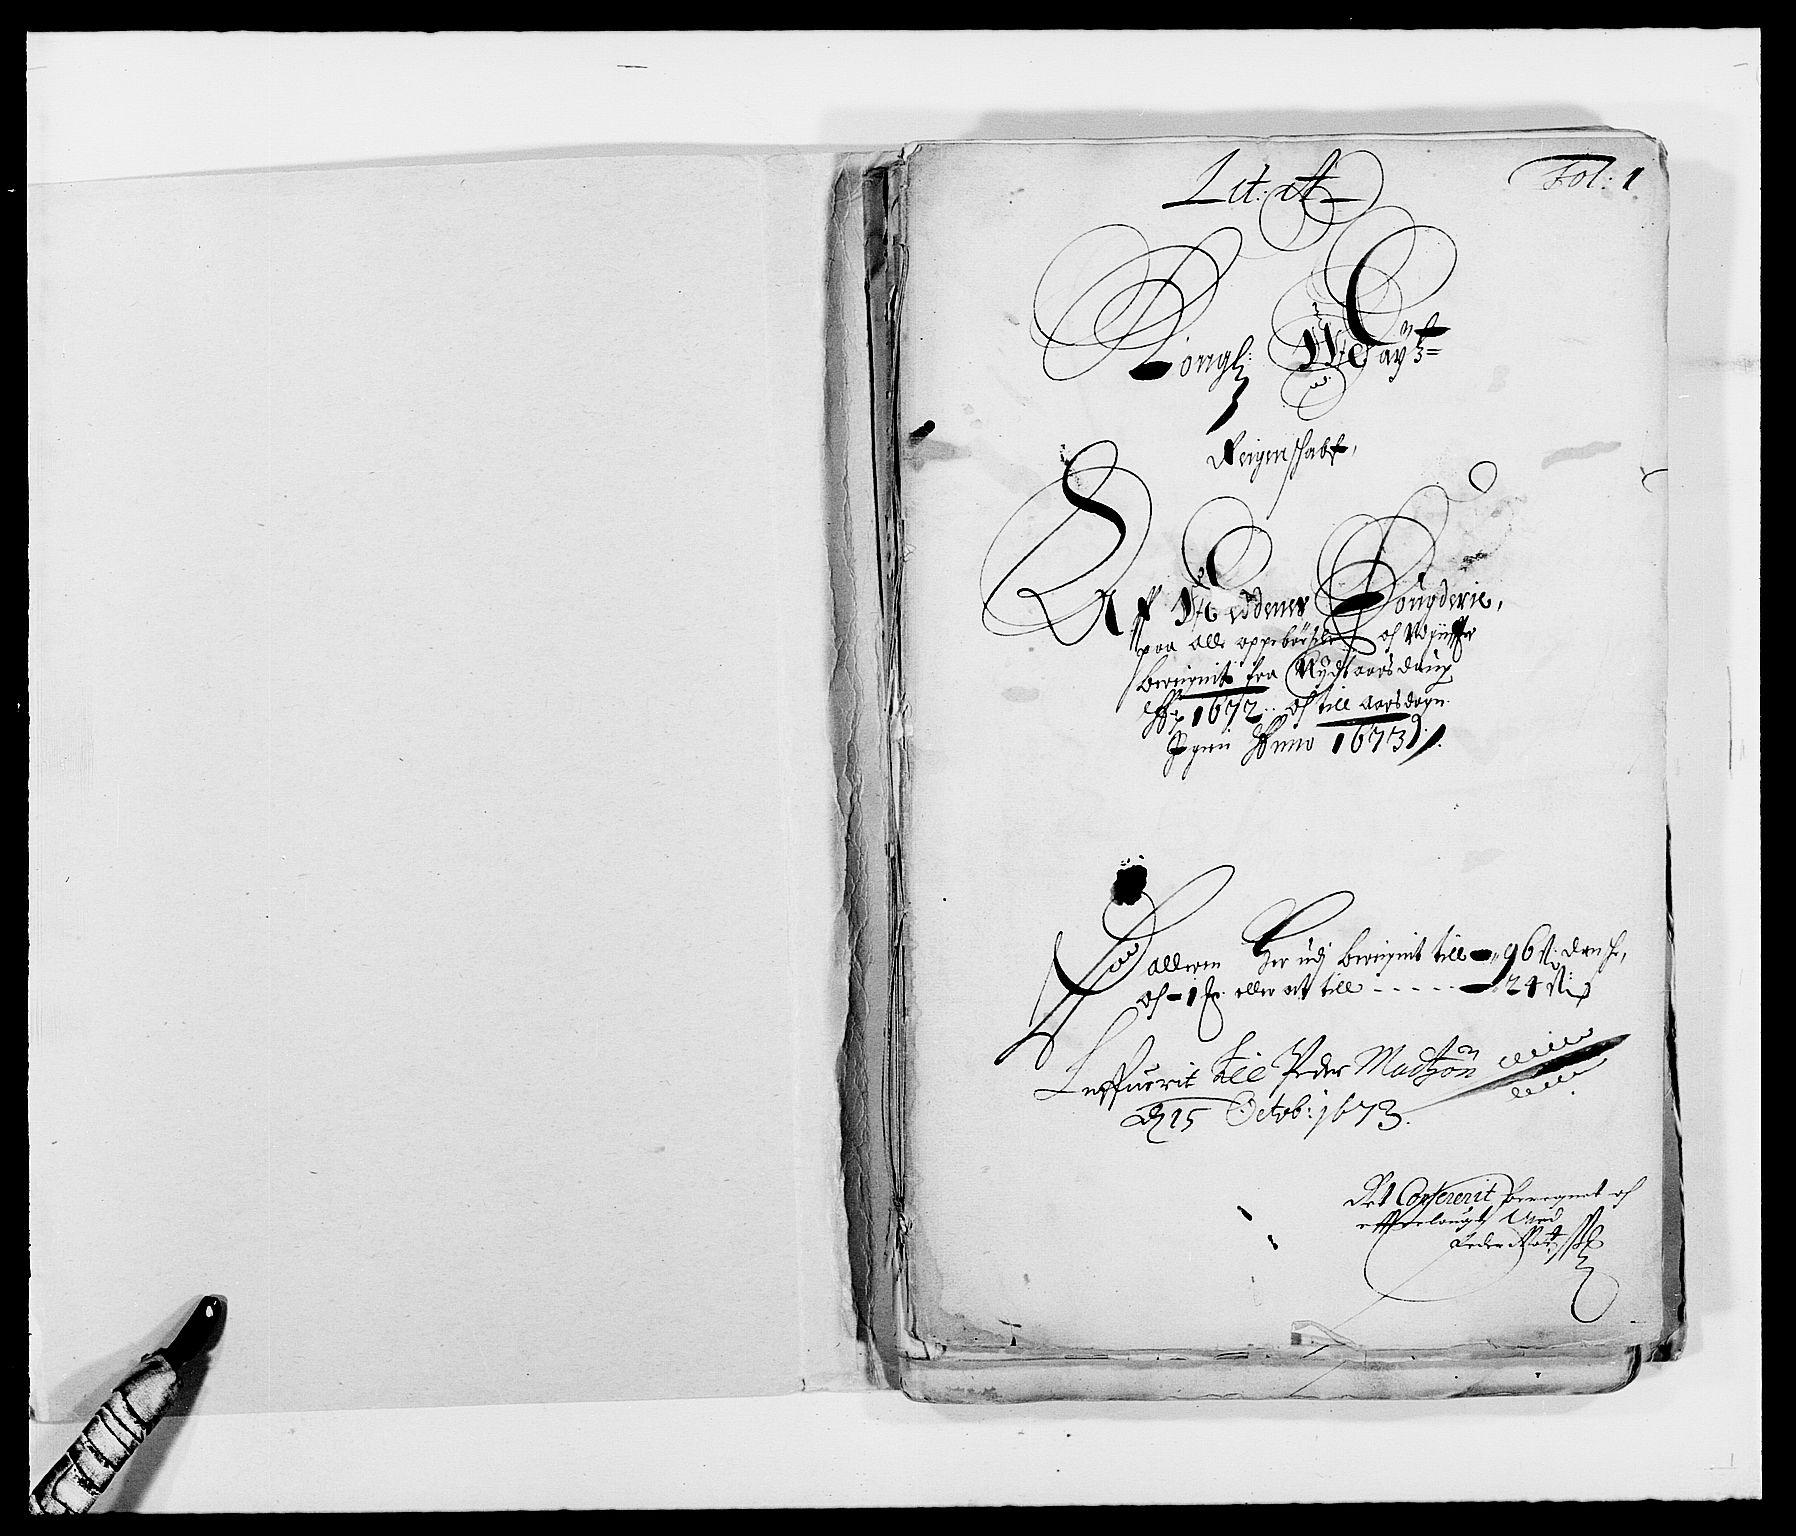 RA, Rentekammeret inntil 1814, Reviderte regnskaper, Fogderegnskap, R39/L2300: Fogderegnskap Nedenes, 1672-1674, s. 2